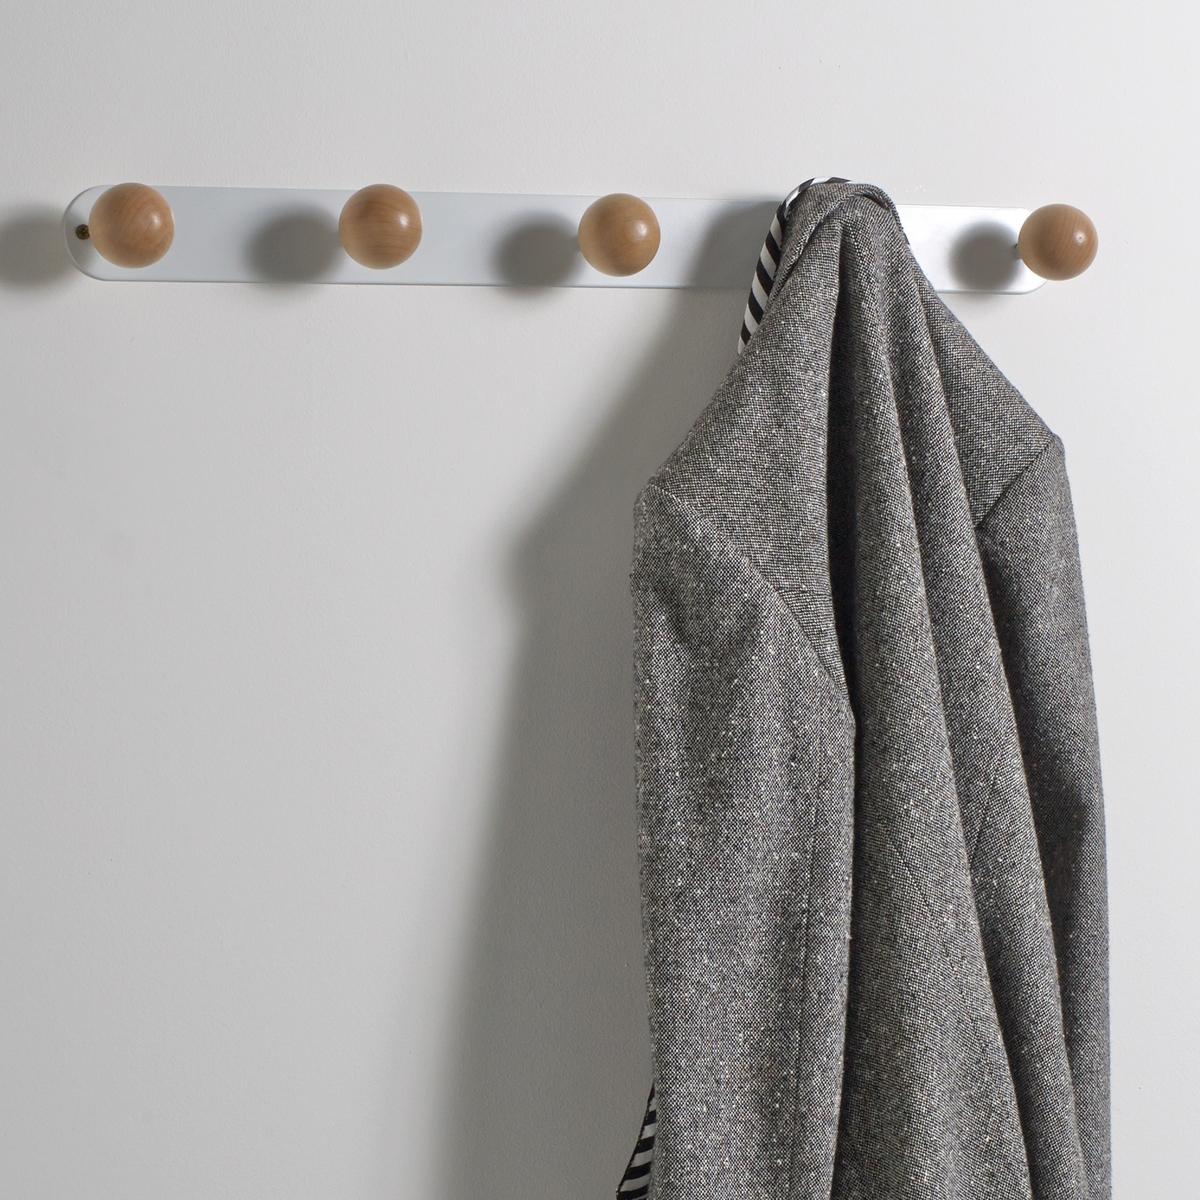 Вешалка настенная с 5 крючками AGAMAПрактичная вешалка AGAMA легко найдет свое место на стене в спальной или прихожейОписание вешалки AGAMA:Вешалка с 5 округлыми крючками для крепления к стене (крепежные элементы не входят в комплект).Вешалка требует самостоятельного монтажа.Характеристики вешалки AGAMA: 5 крючков в форме шаров из натуральной березы.Каркас вешалки из металла с матовой отделкой.Размеры вешалки AGAMA:Длина: 80 см.Глубина: 7,5 см.Высота: 5,2 см.<br><br>Цвет: белый,черный<br>Размер: единый размер